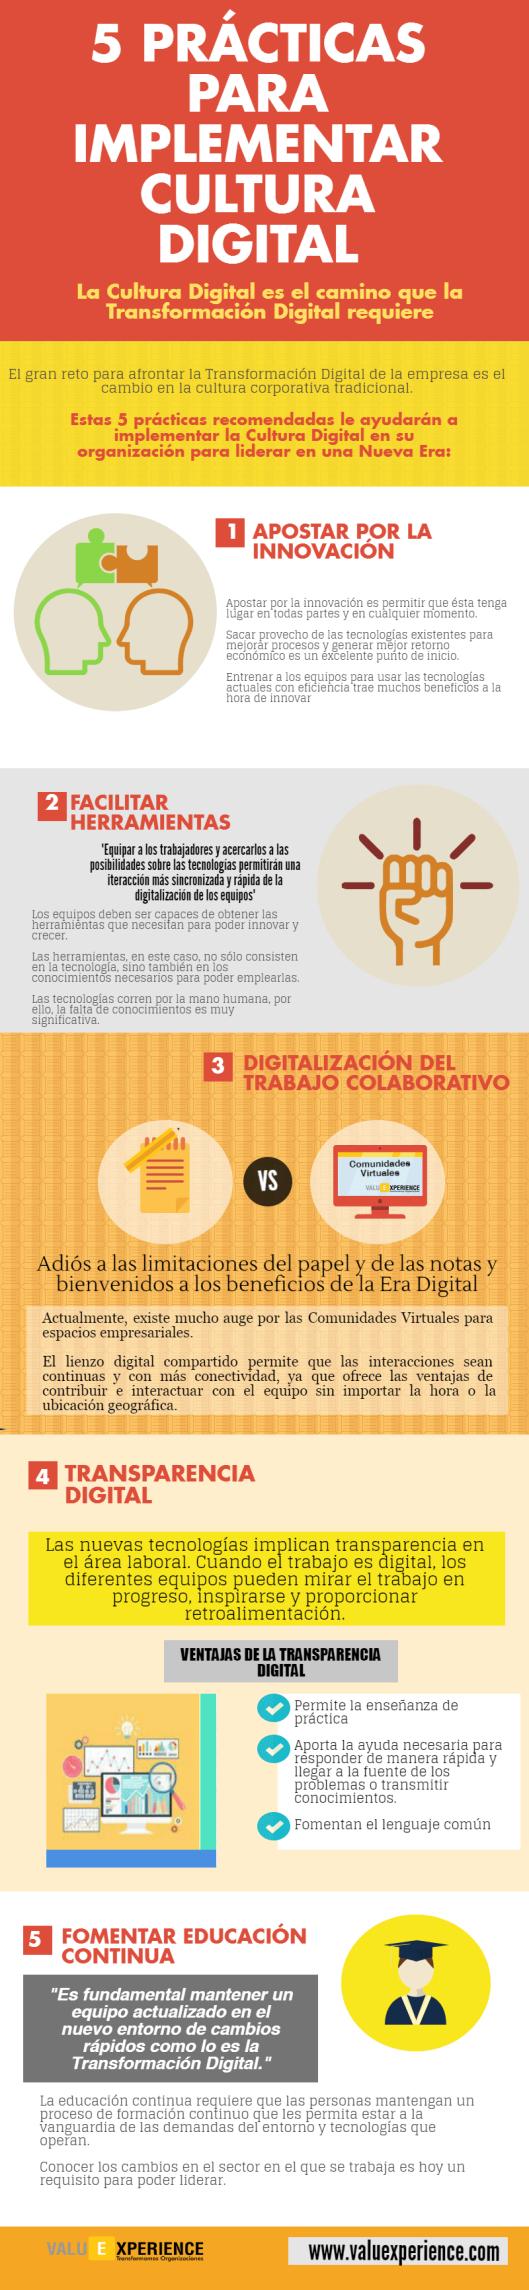 5-practicas-implantar-cultura-digital-infografia